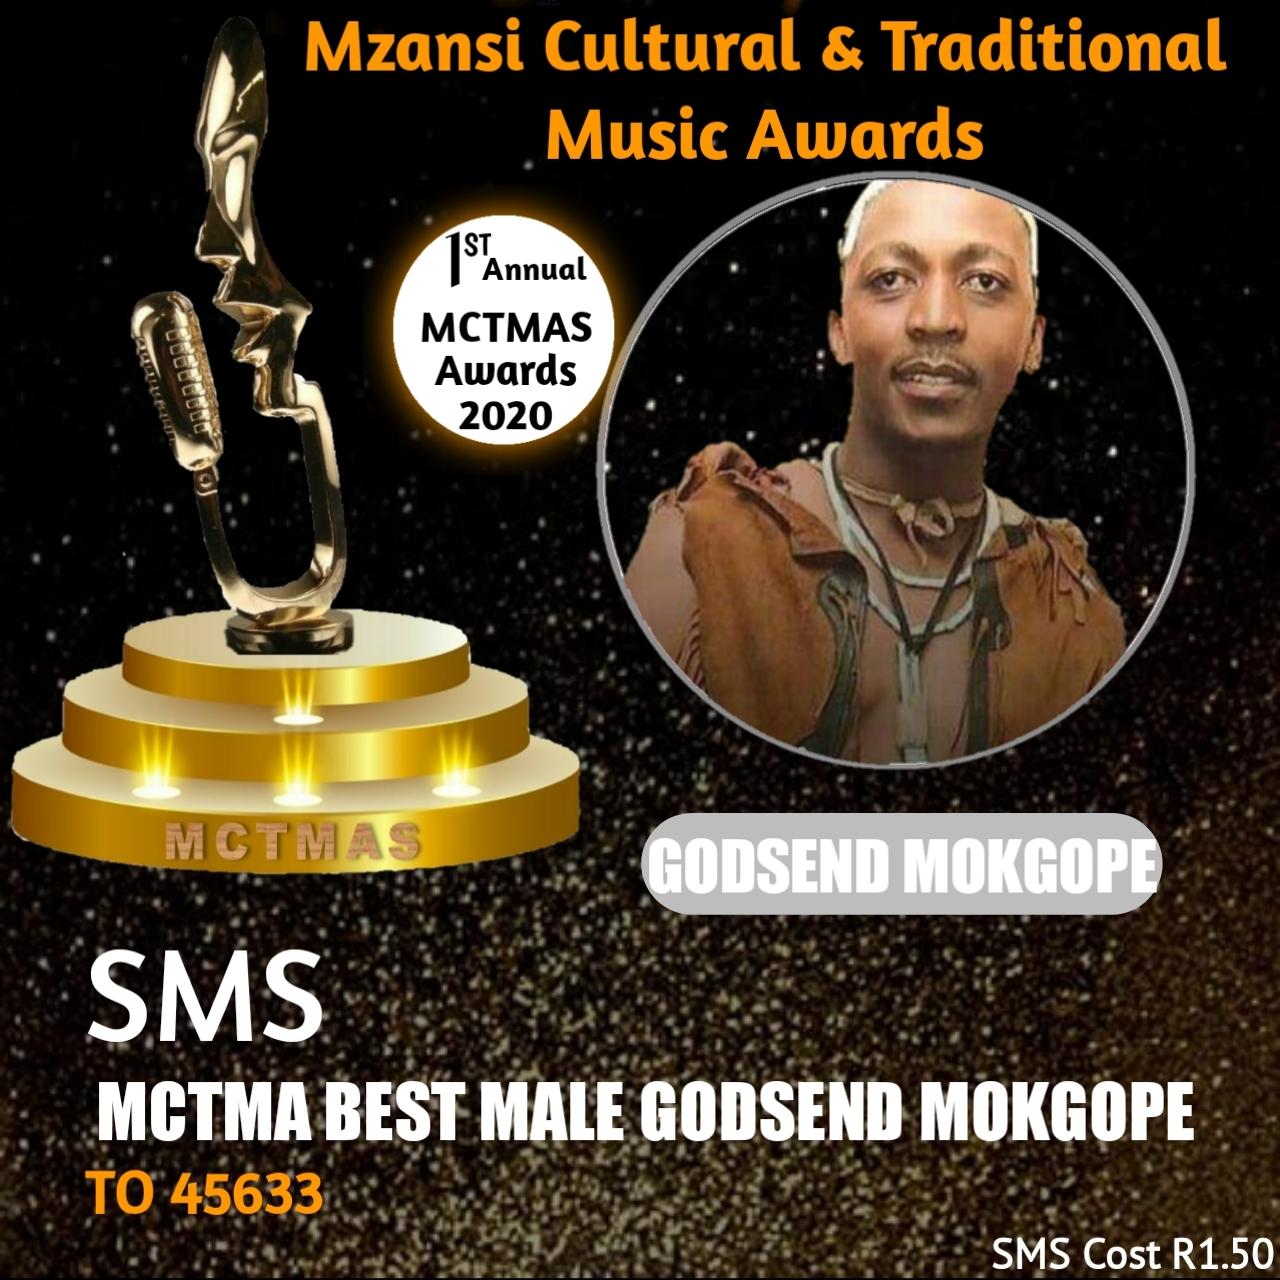 MCTMA awards